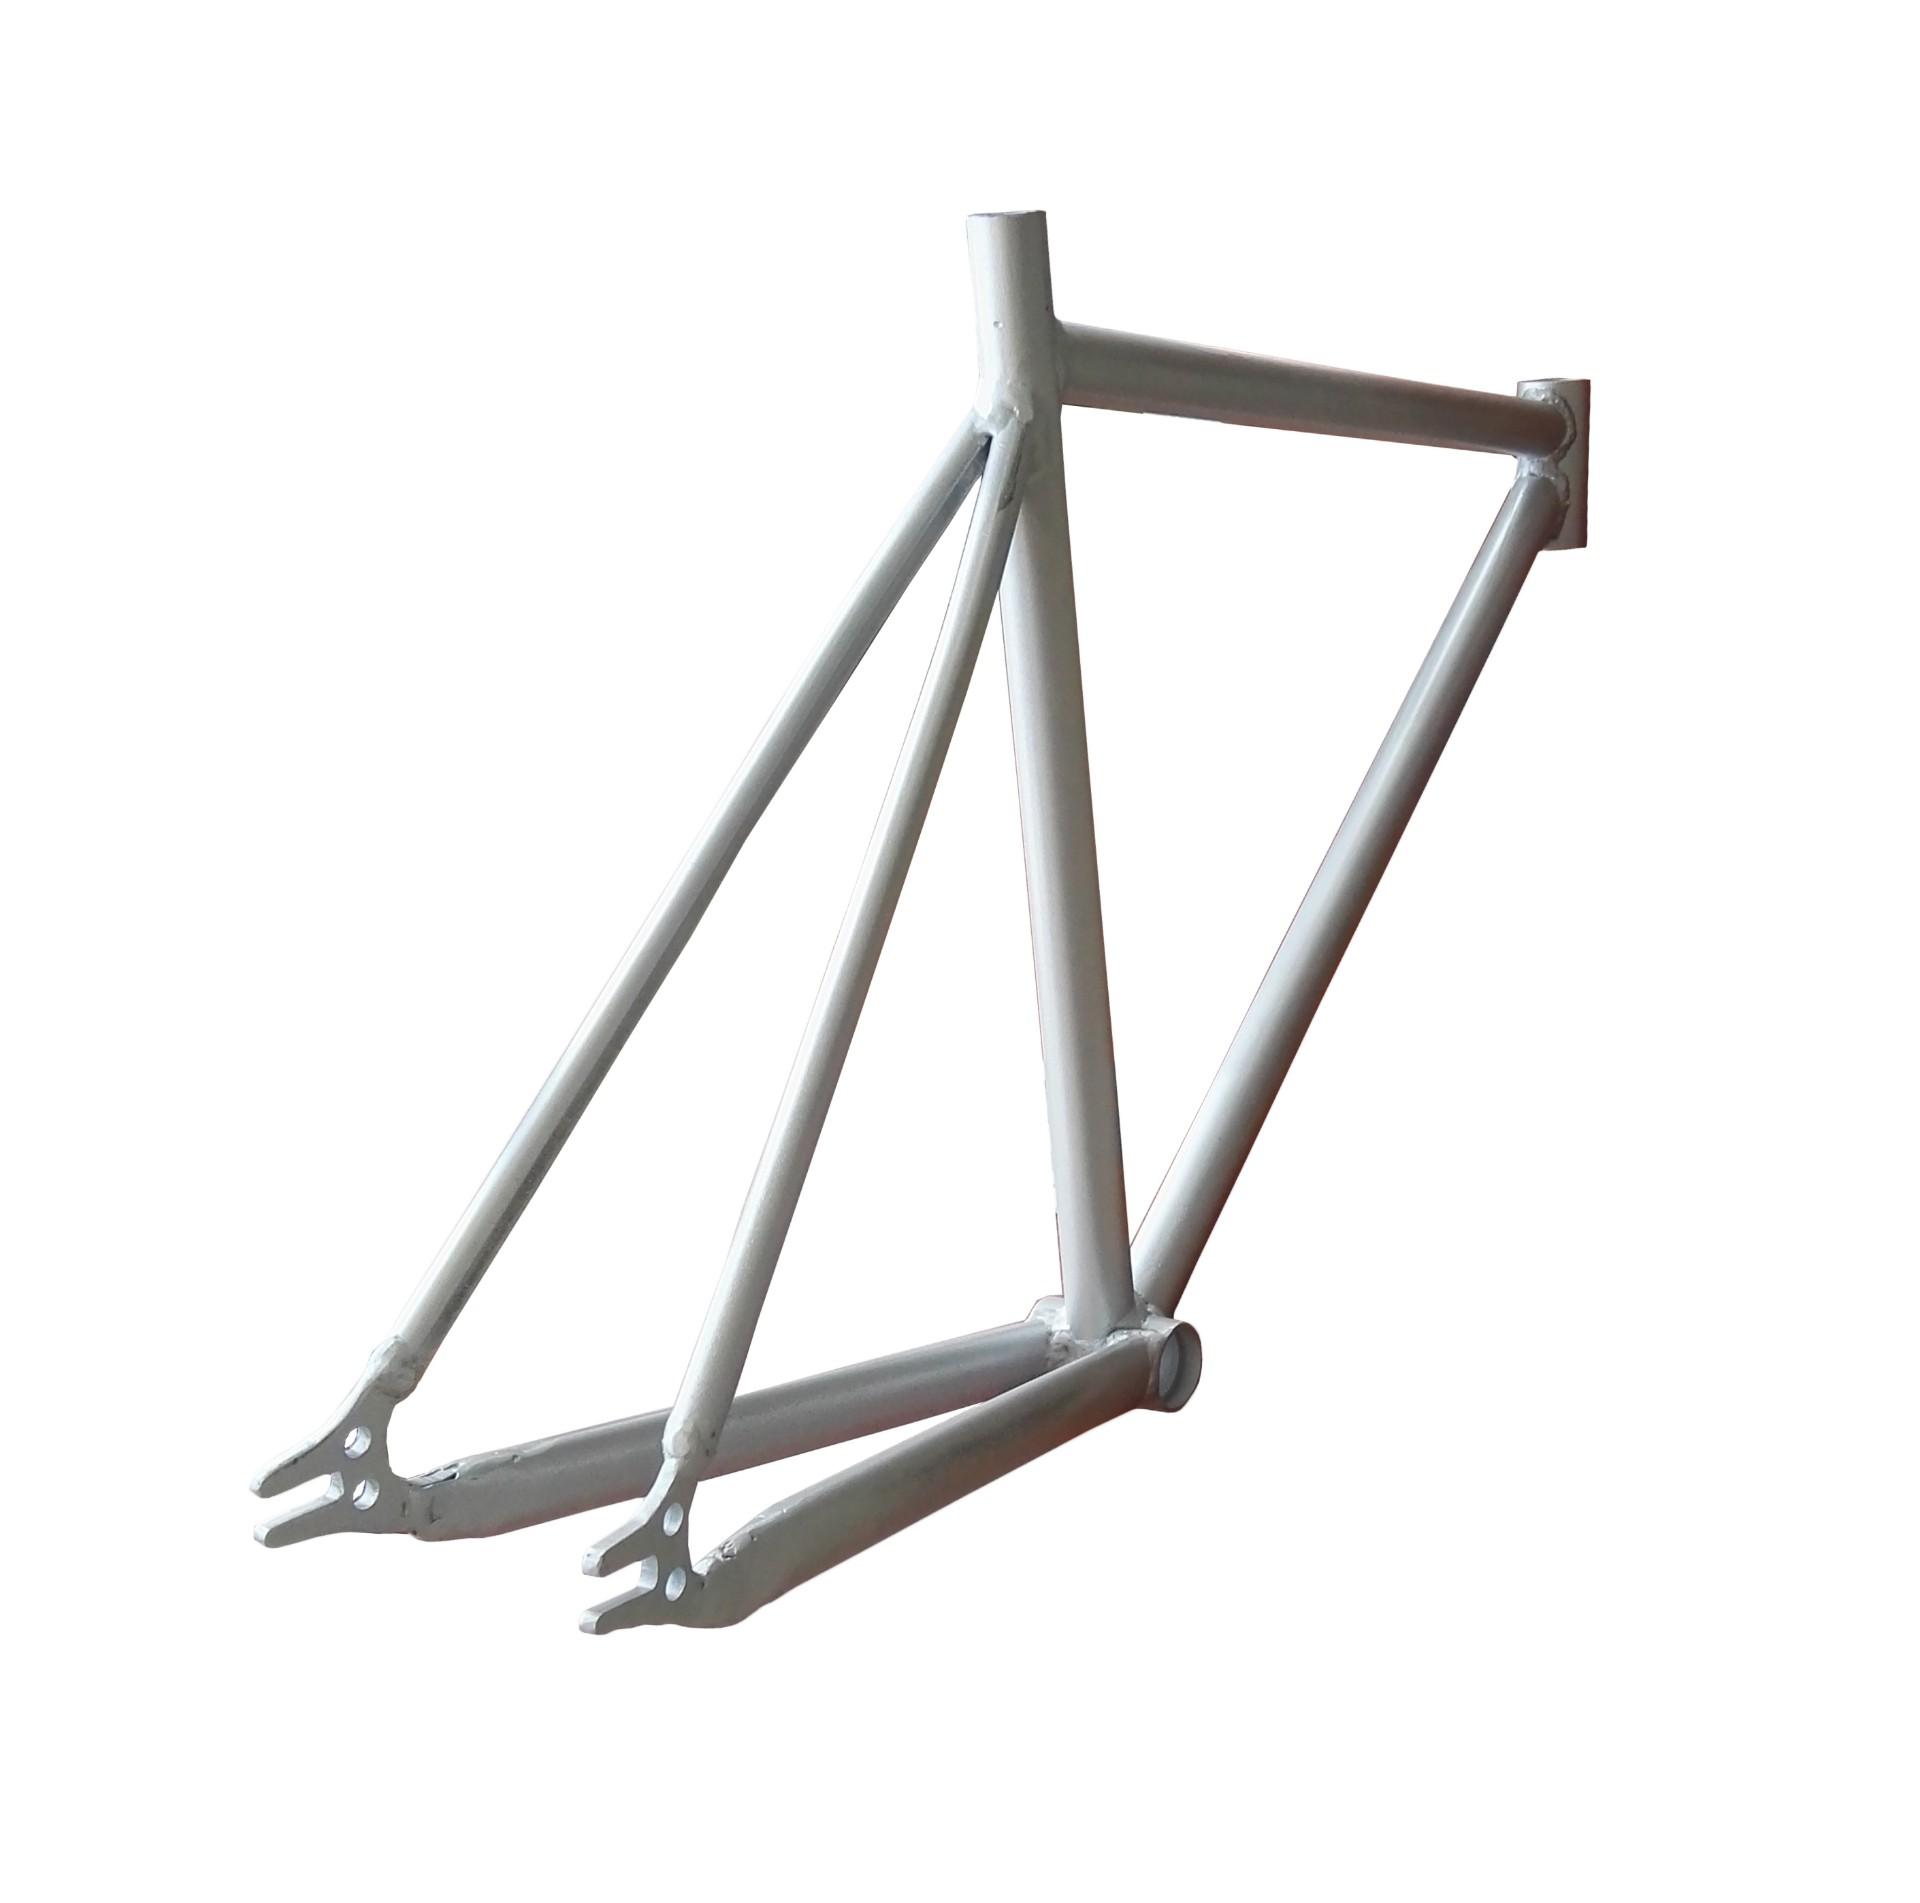 新型6系铝合金新材料自行车支架